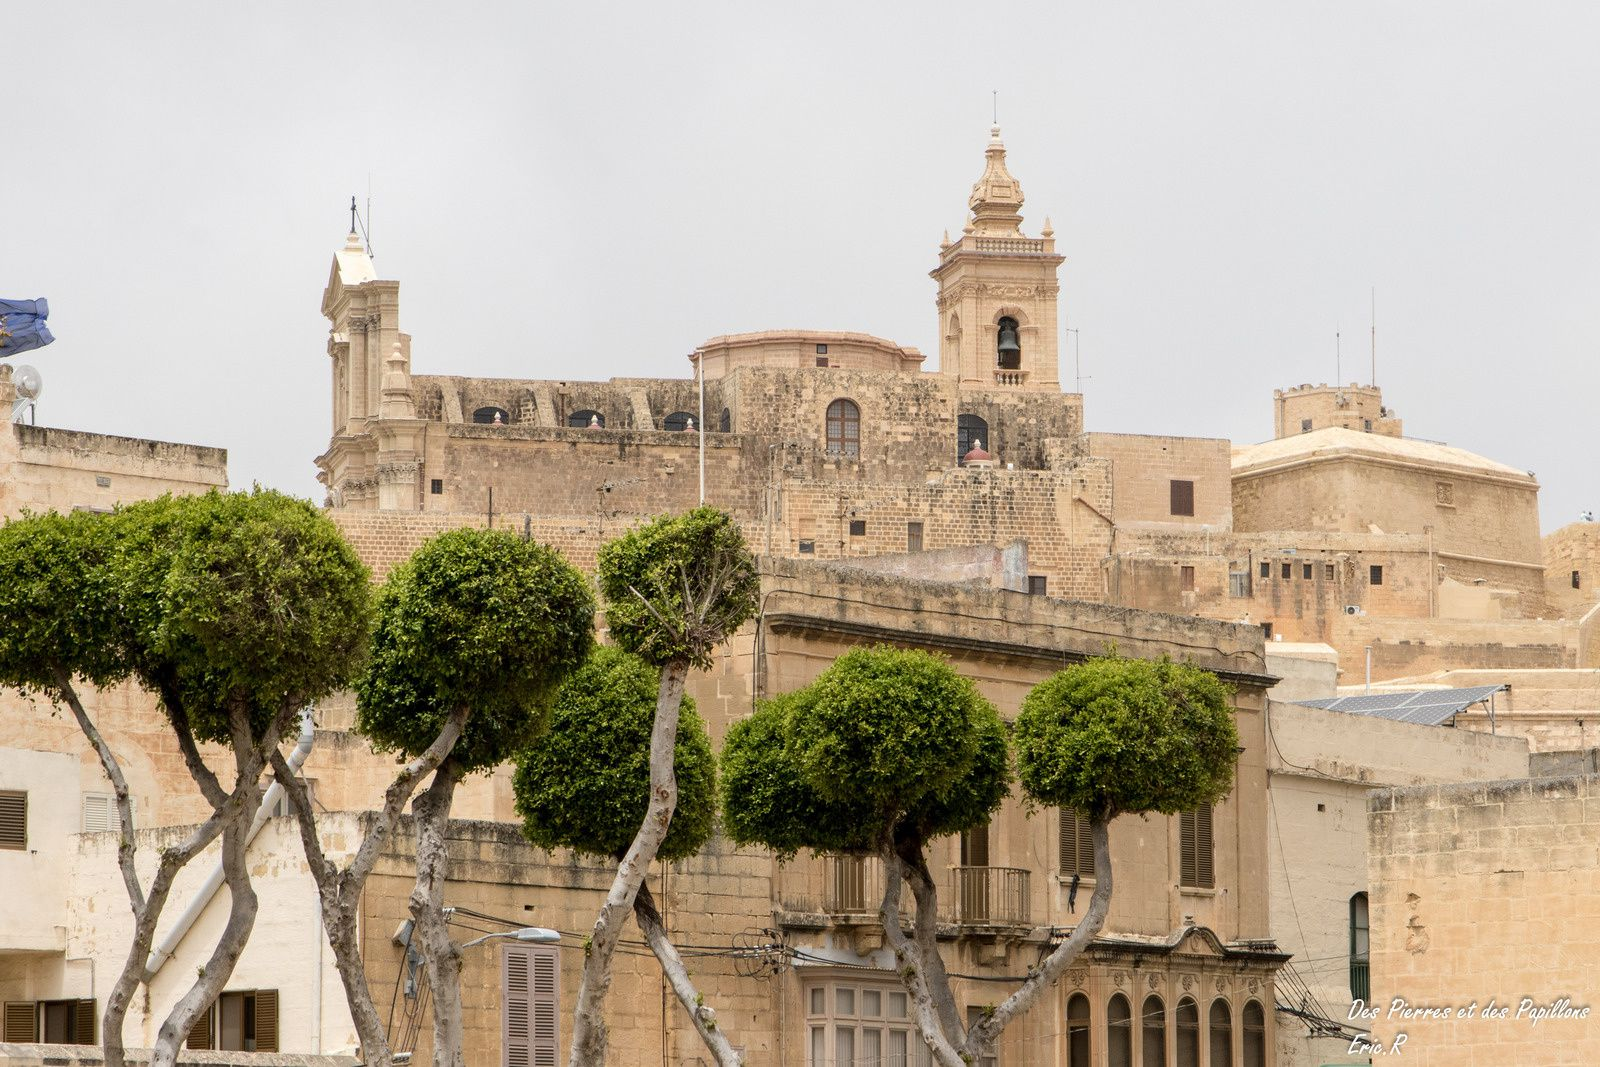 La citadelle, la cathédrale, les ruelles de la ville supérieure